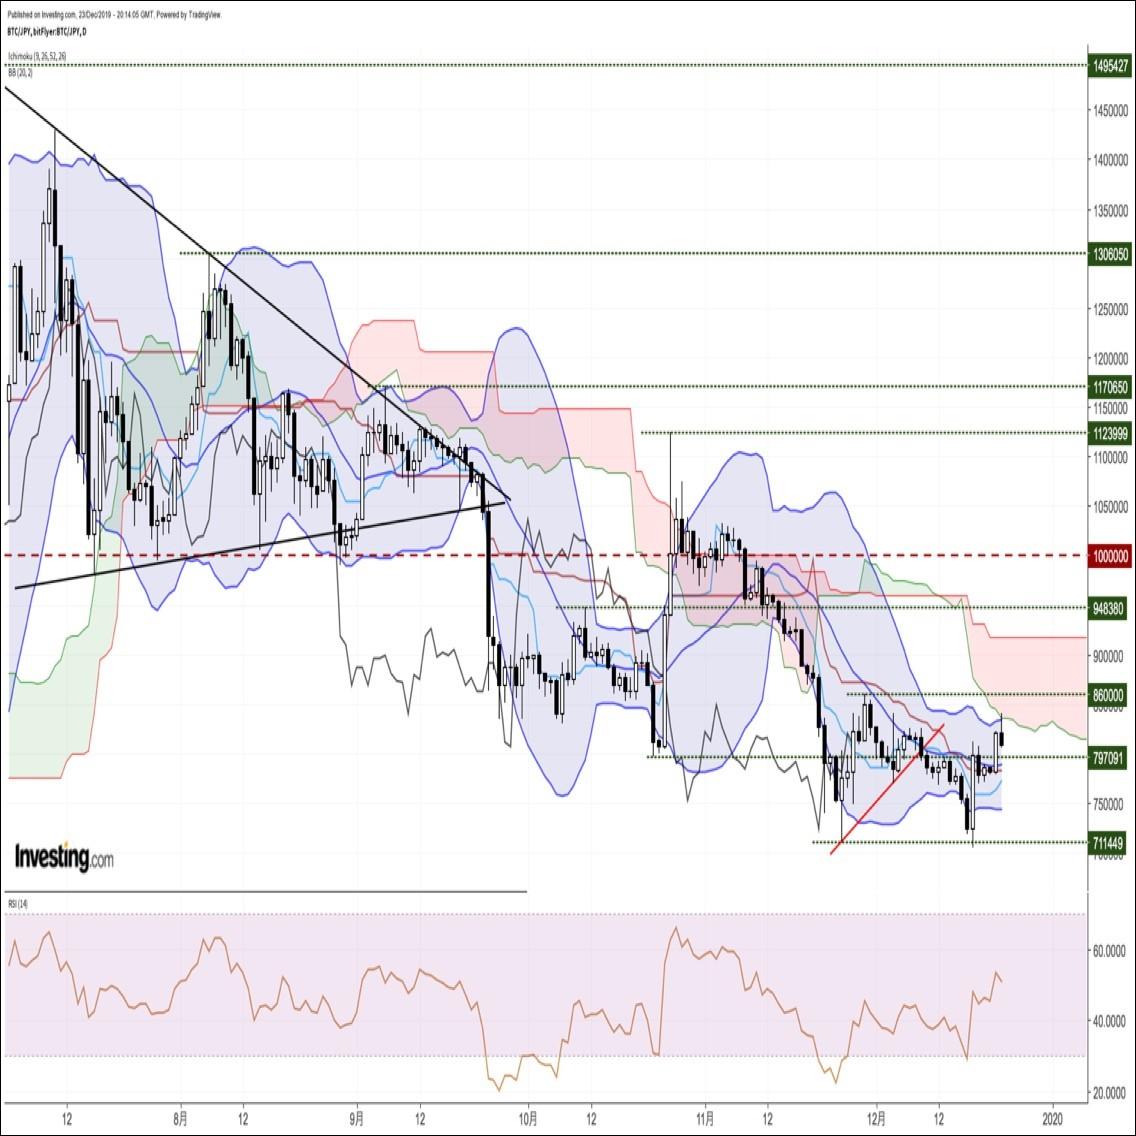 ビットコイン円、一時3週間ぶり高値を記録するも一目均衡表雲下限に続伸を阻まれる(12/24朝)